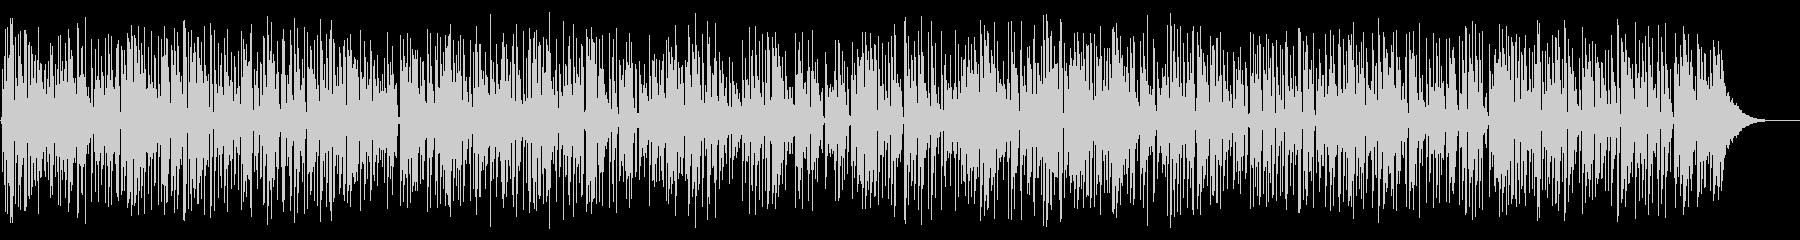 ほのぼのしたアコースティックギターデュオの未再生の波形